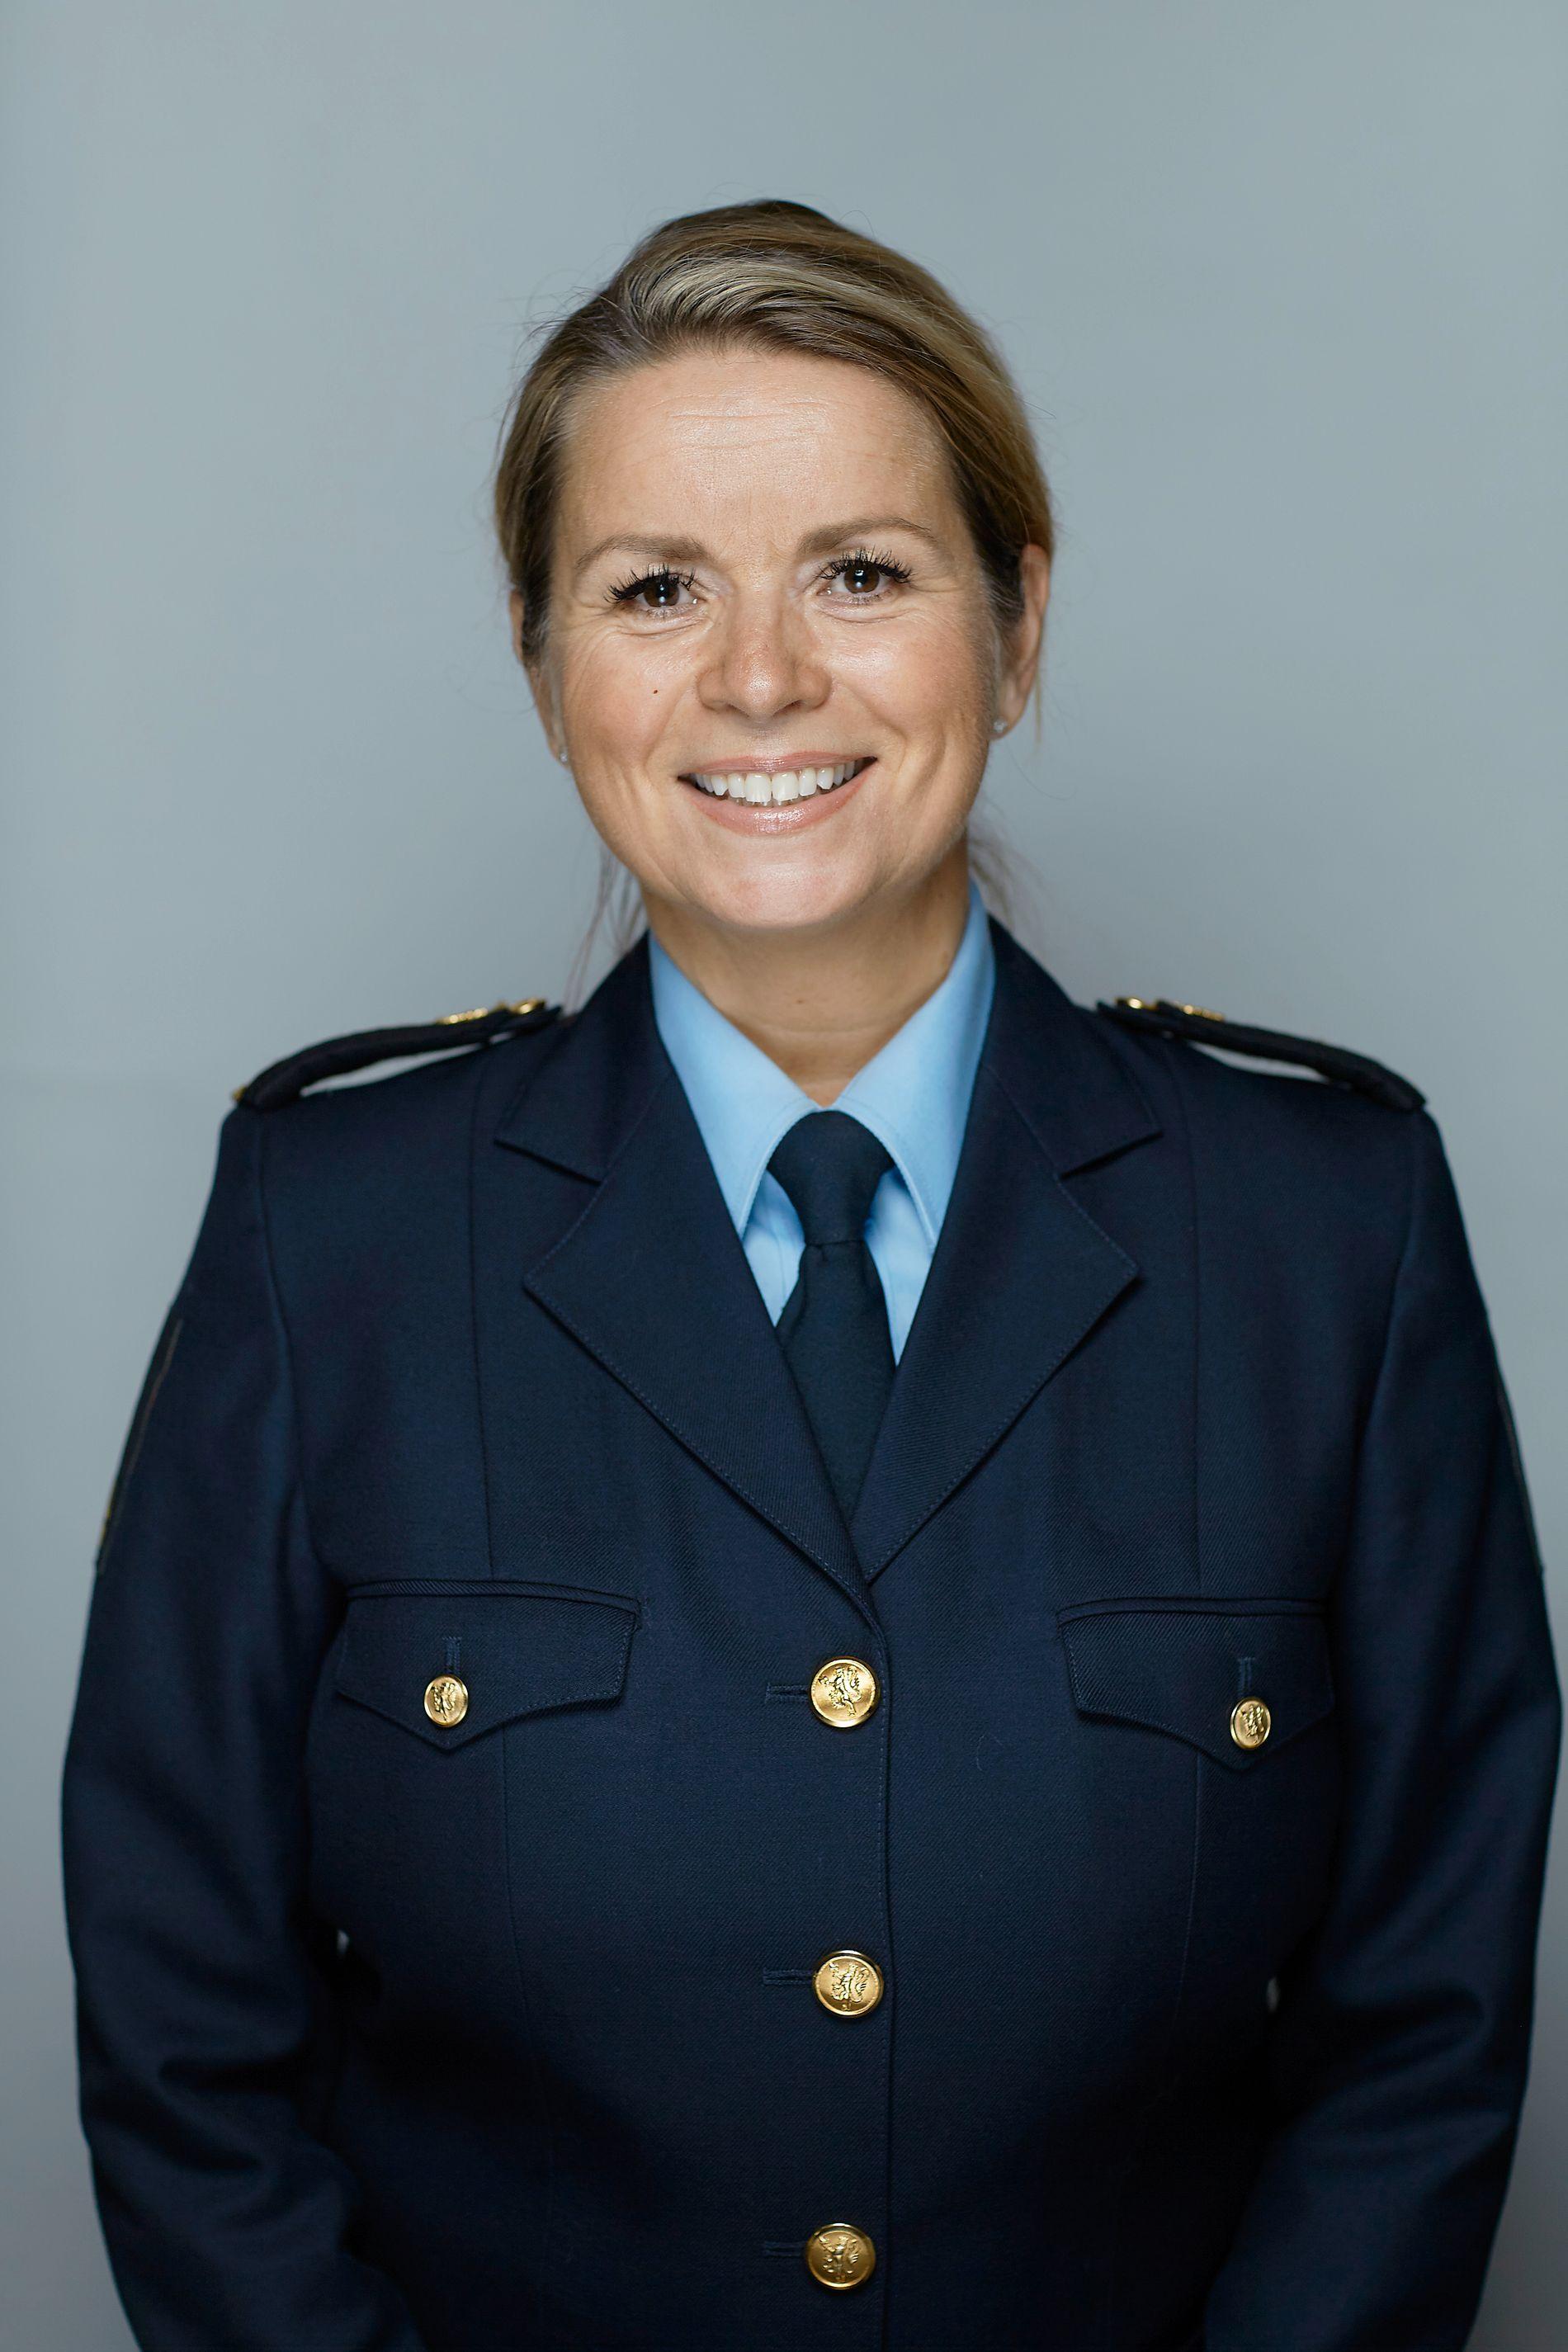 KOSTBART: Stina Smedsrud, regiondirektør i Tollregion Oslo og Akershus, sier bemanningen er forsvarlig, men at det er kostbart å ha folk på jobb på helligdager.